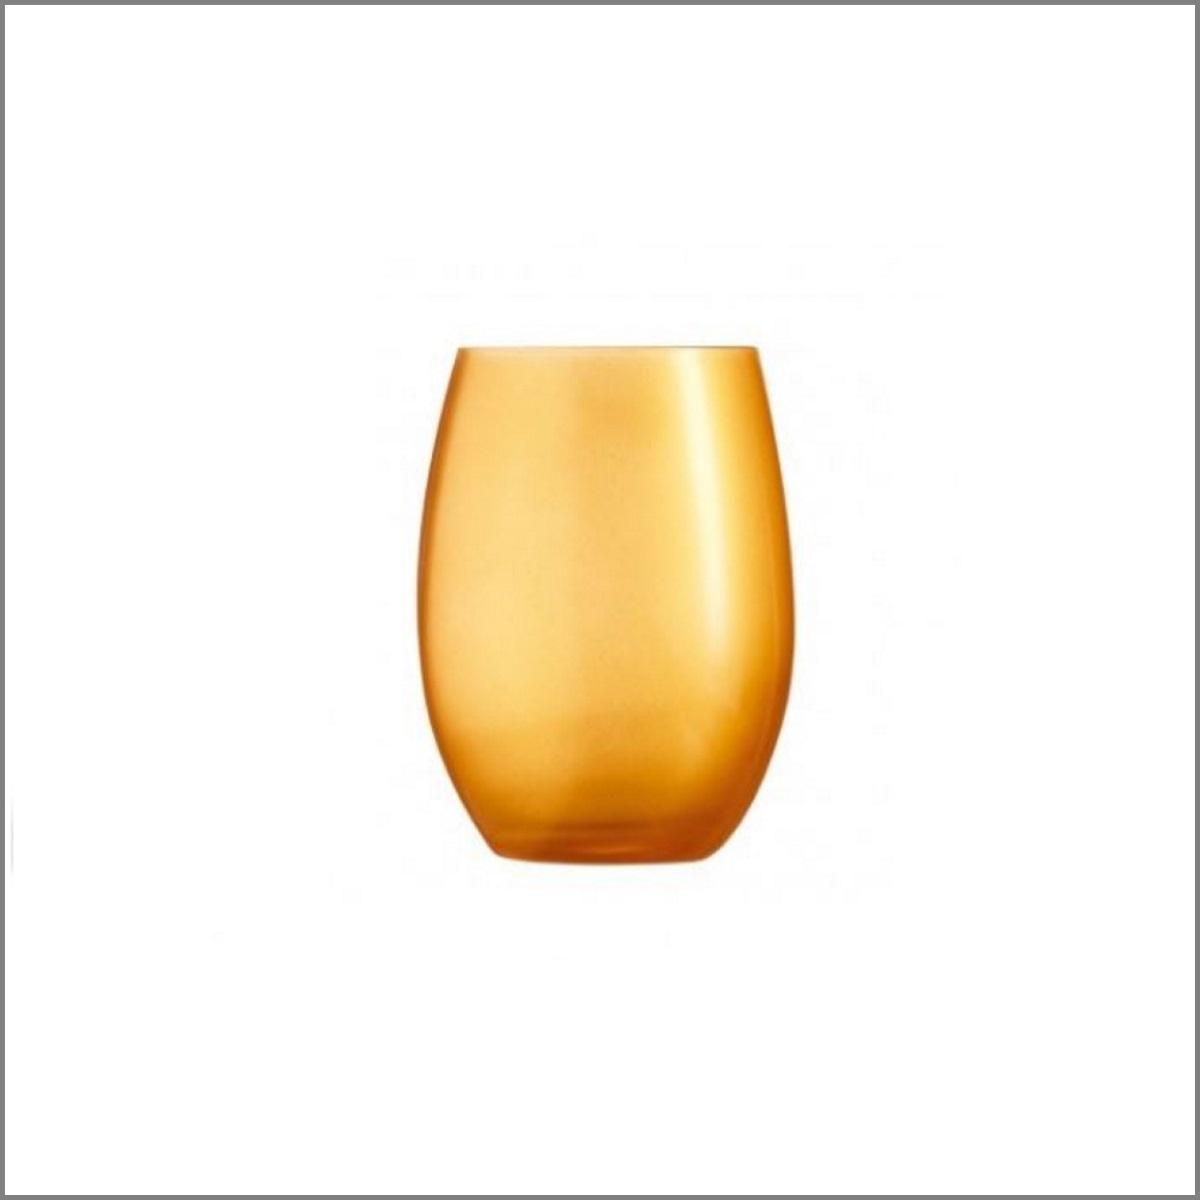 Verre goblet dore 1